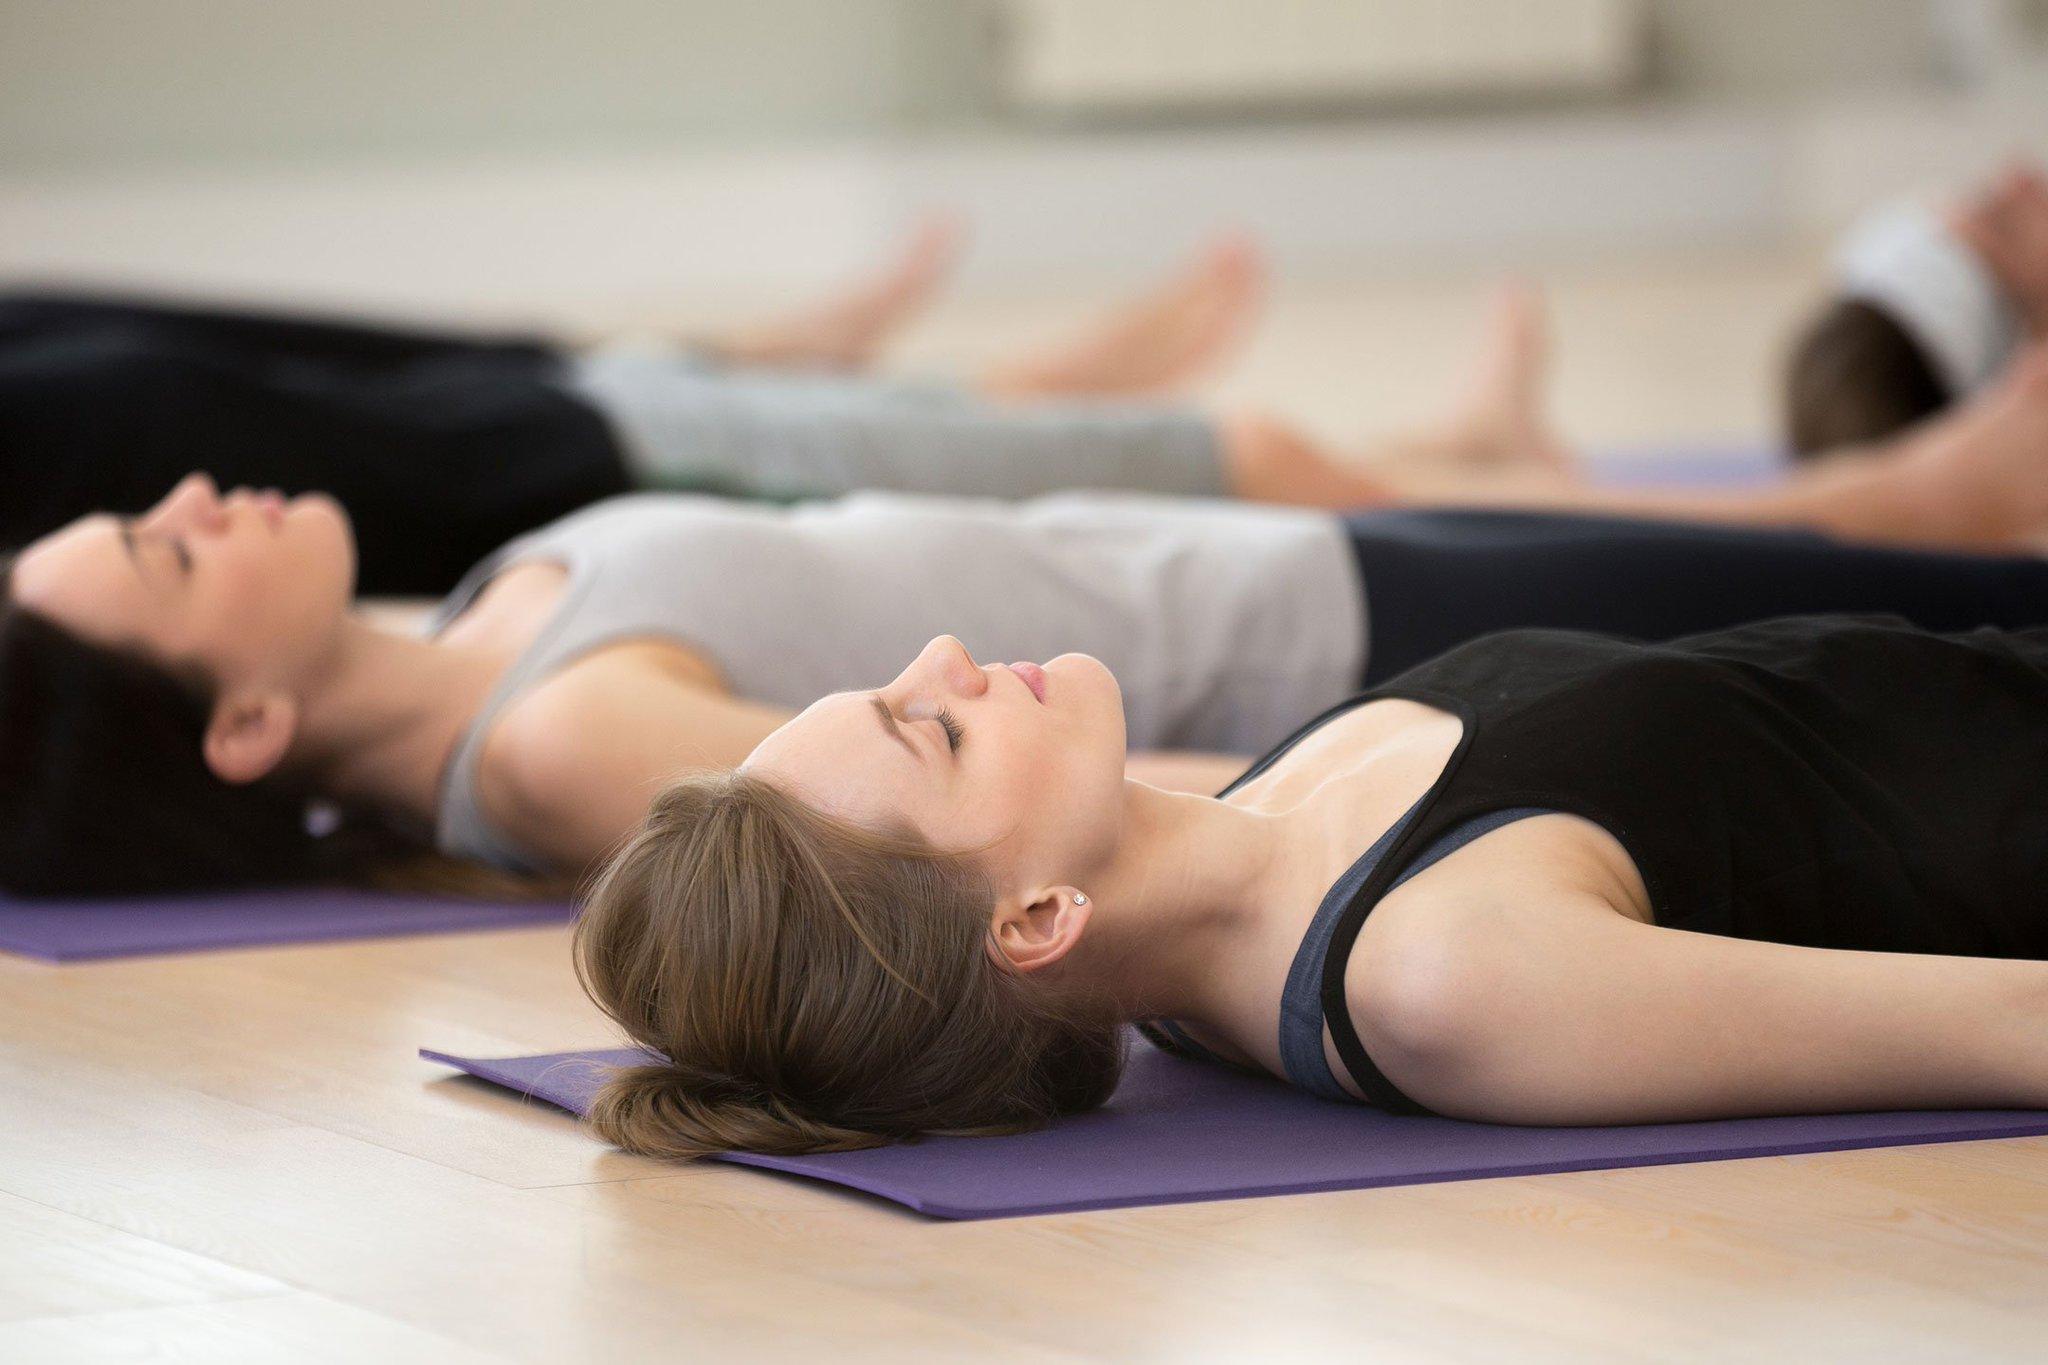 Йога нидра: техника погружения в транс. 70 фото людей в состоянии сознательного сна